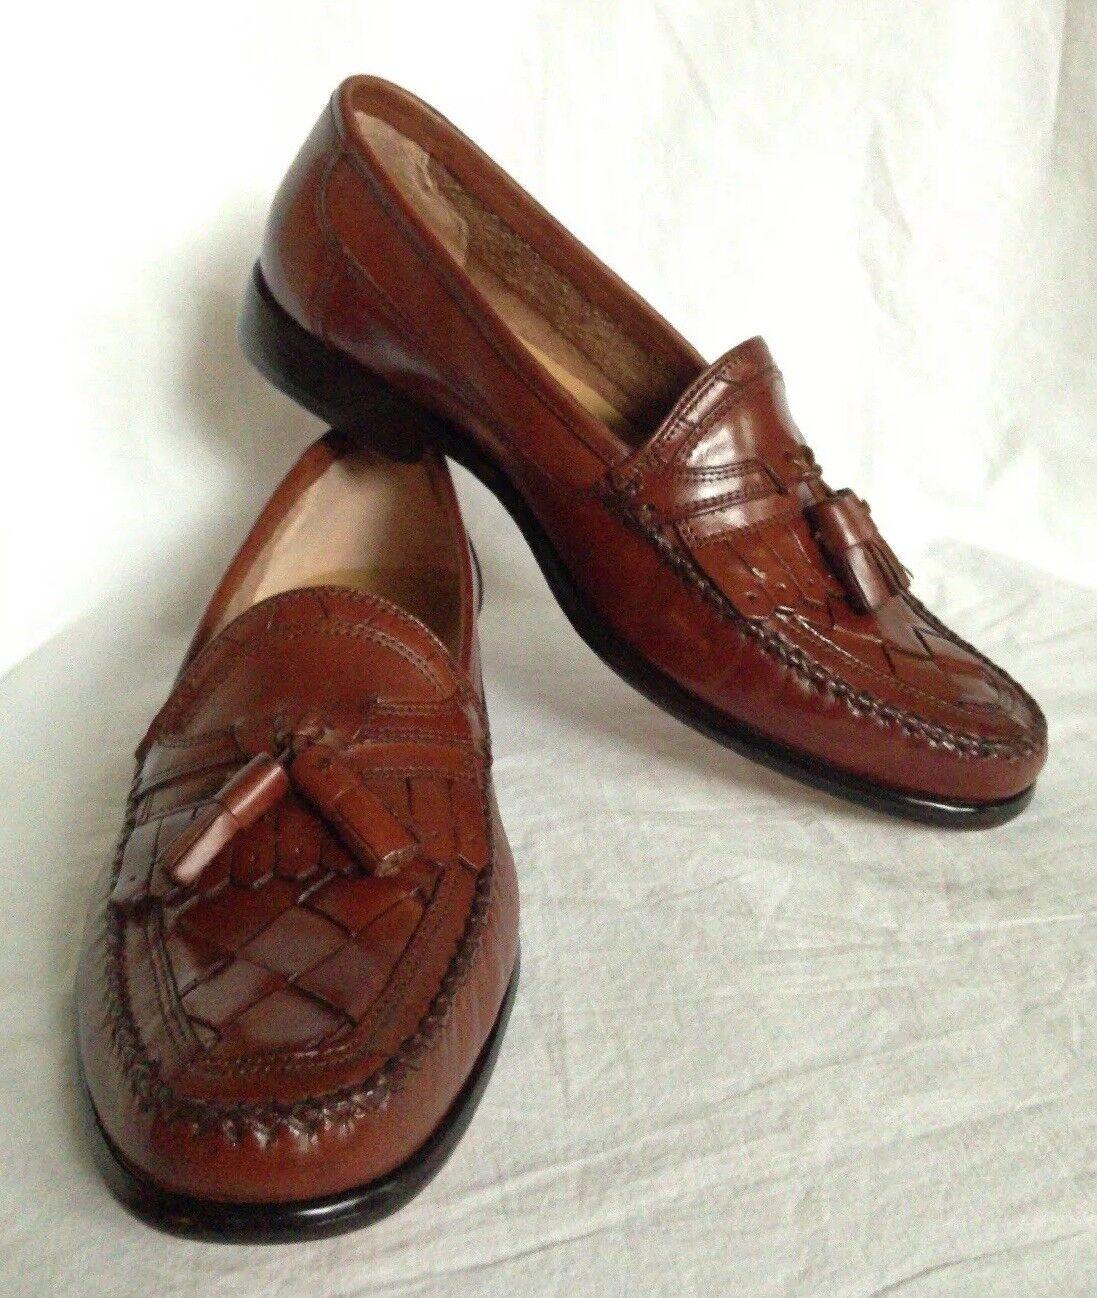 New GIORGIO BRUTINI LeGlove LeGlove LeGlove Handcraft Tan Kiltie Tassel Woven Loafer 9.5D Brazil da0a90